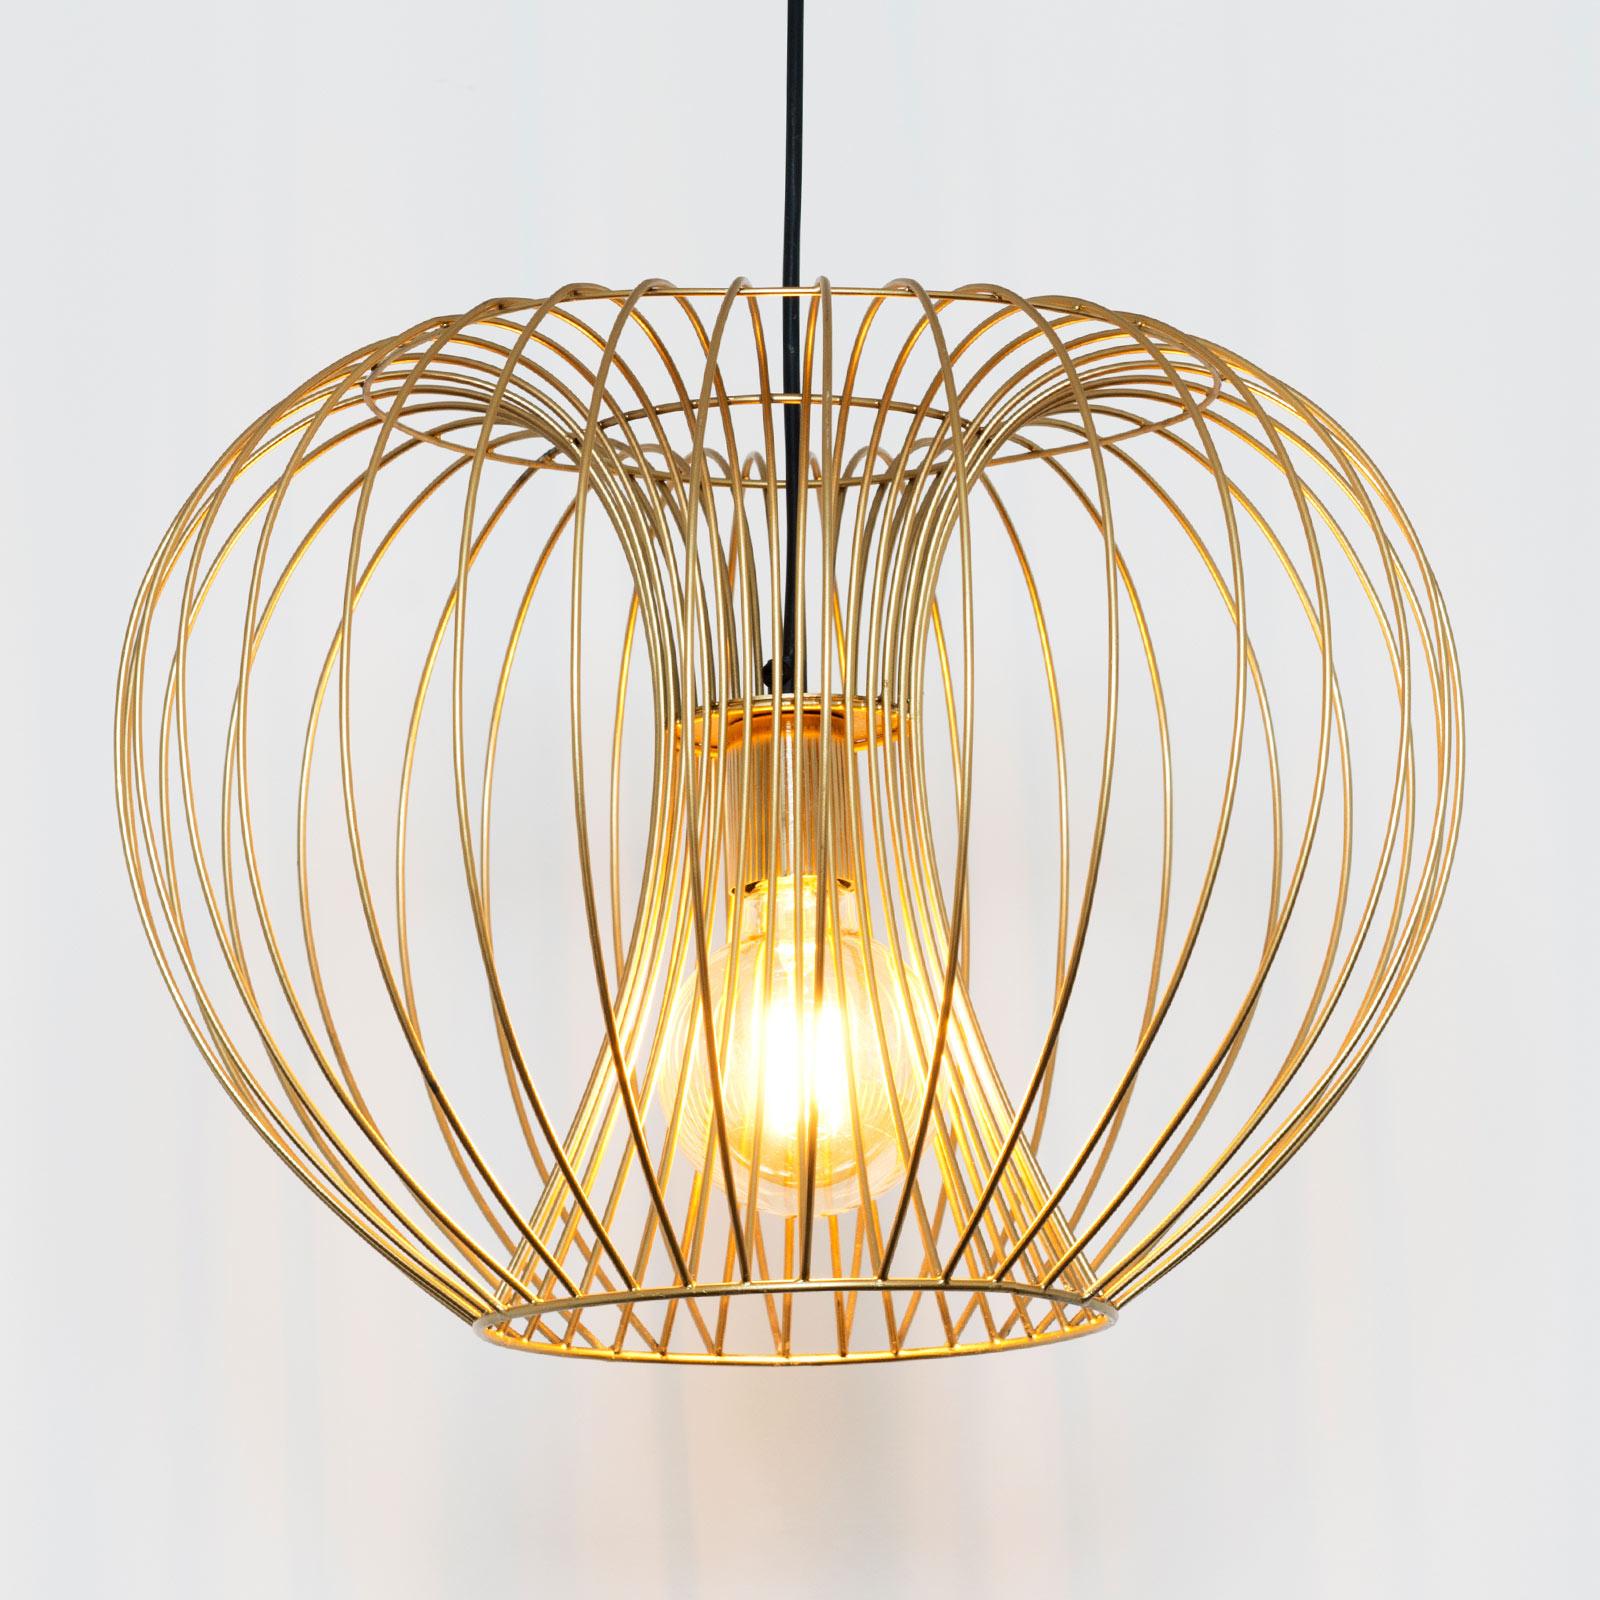 Lampa wisząca Protetto, złota, Ø 42 cm